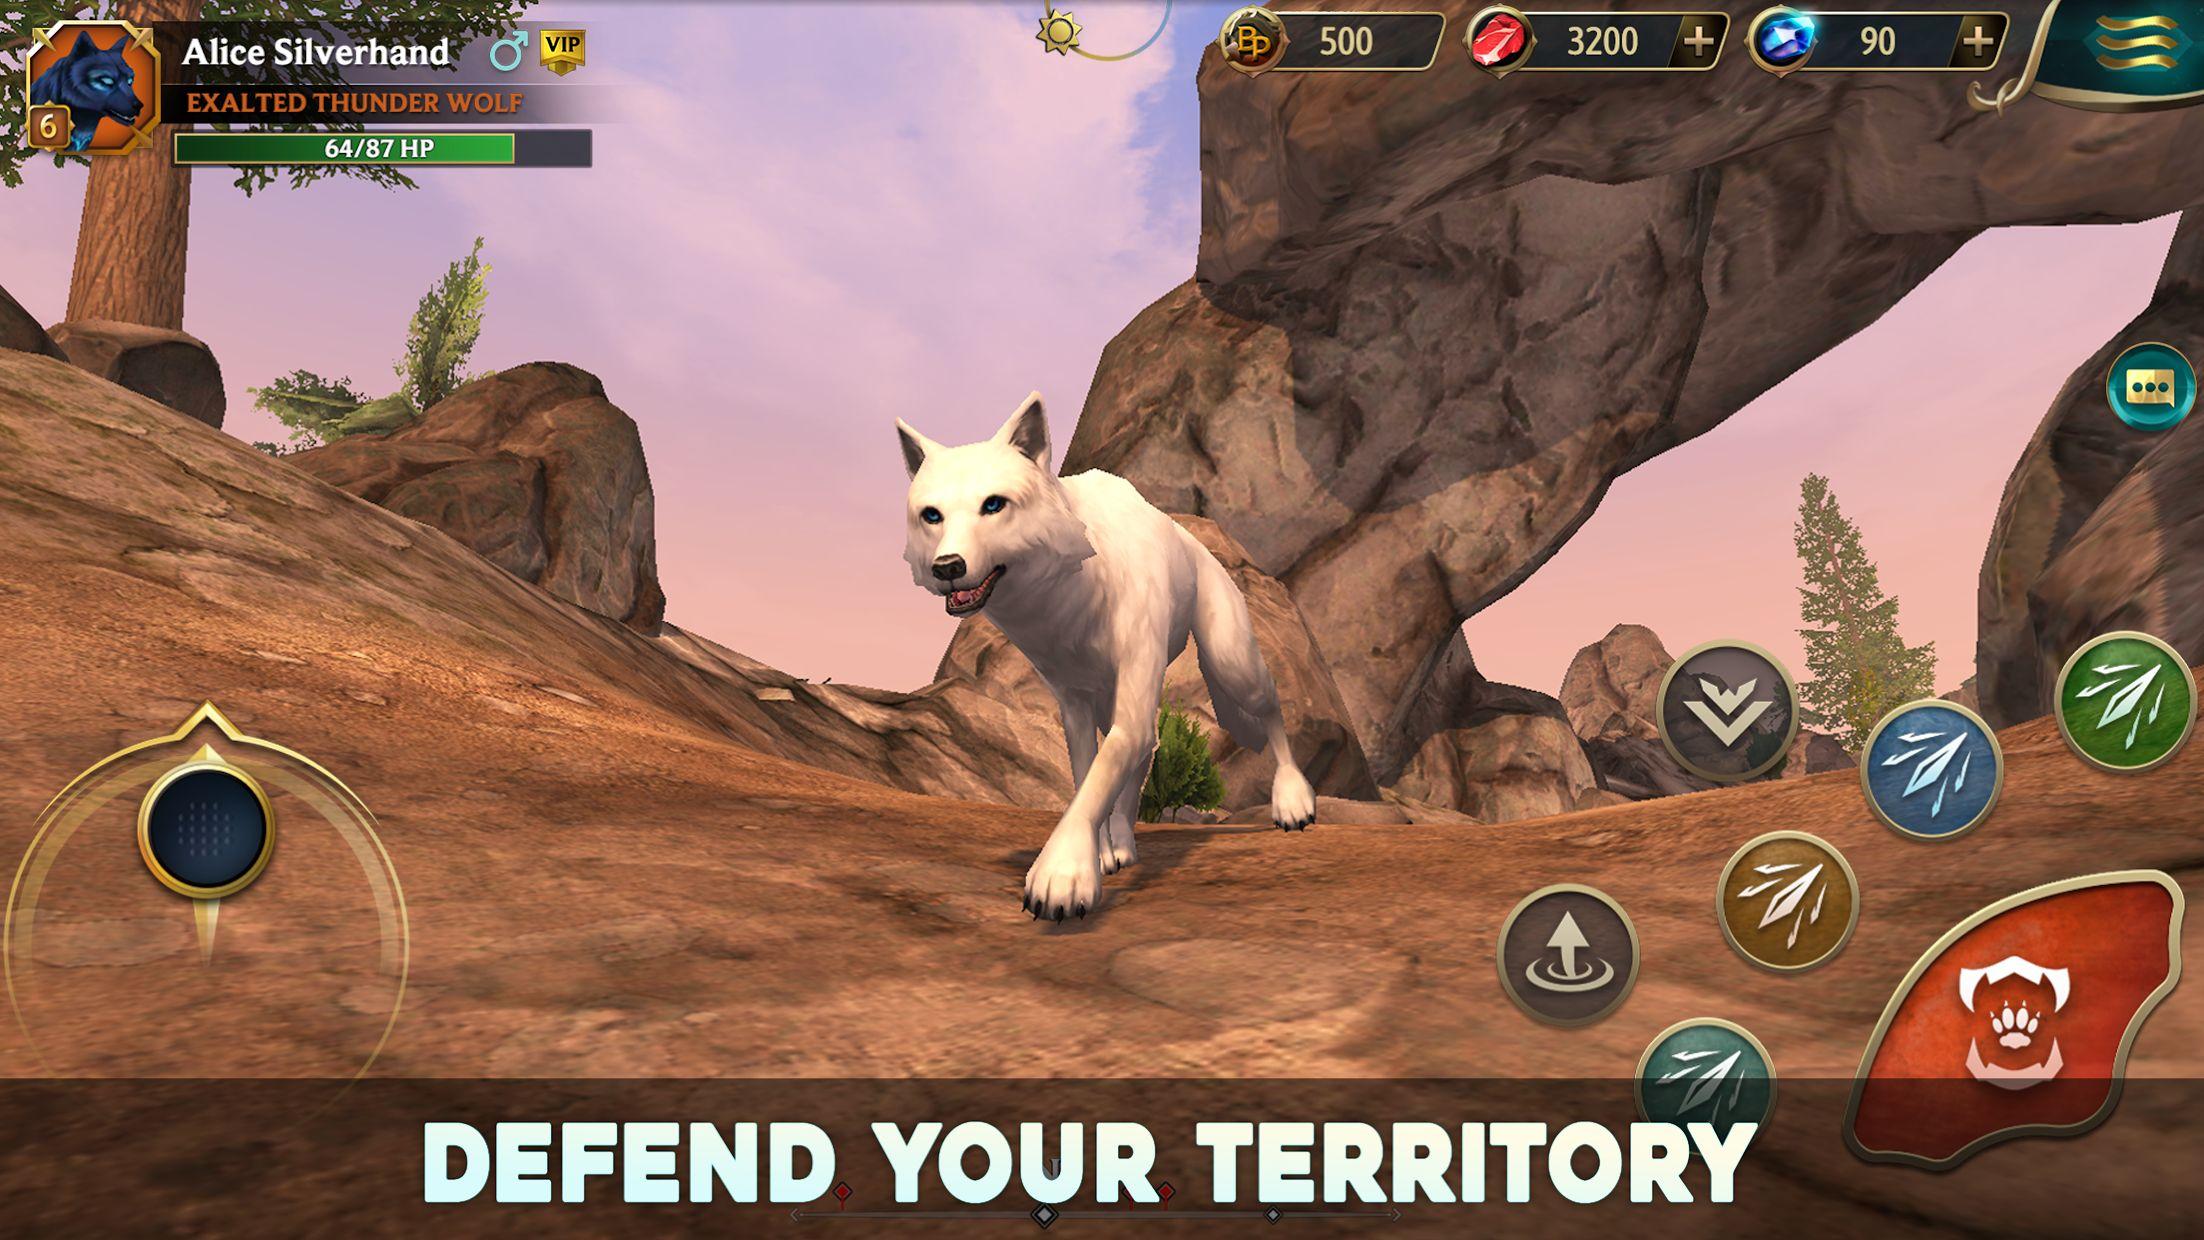 狼传说 - 家园与爱心 游戏截图4